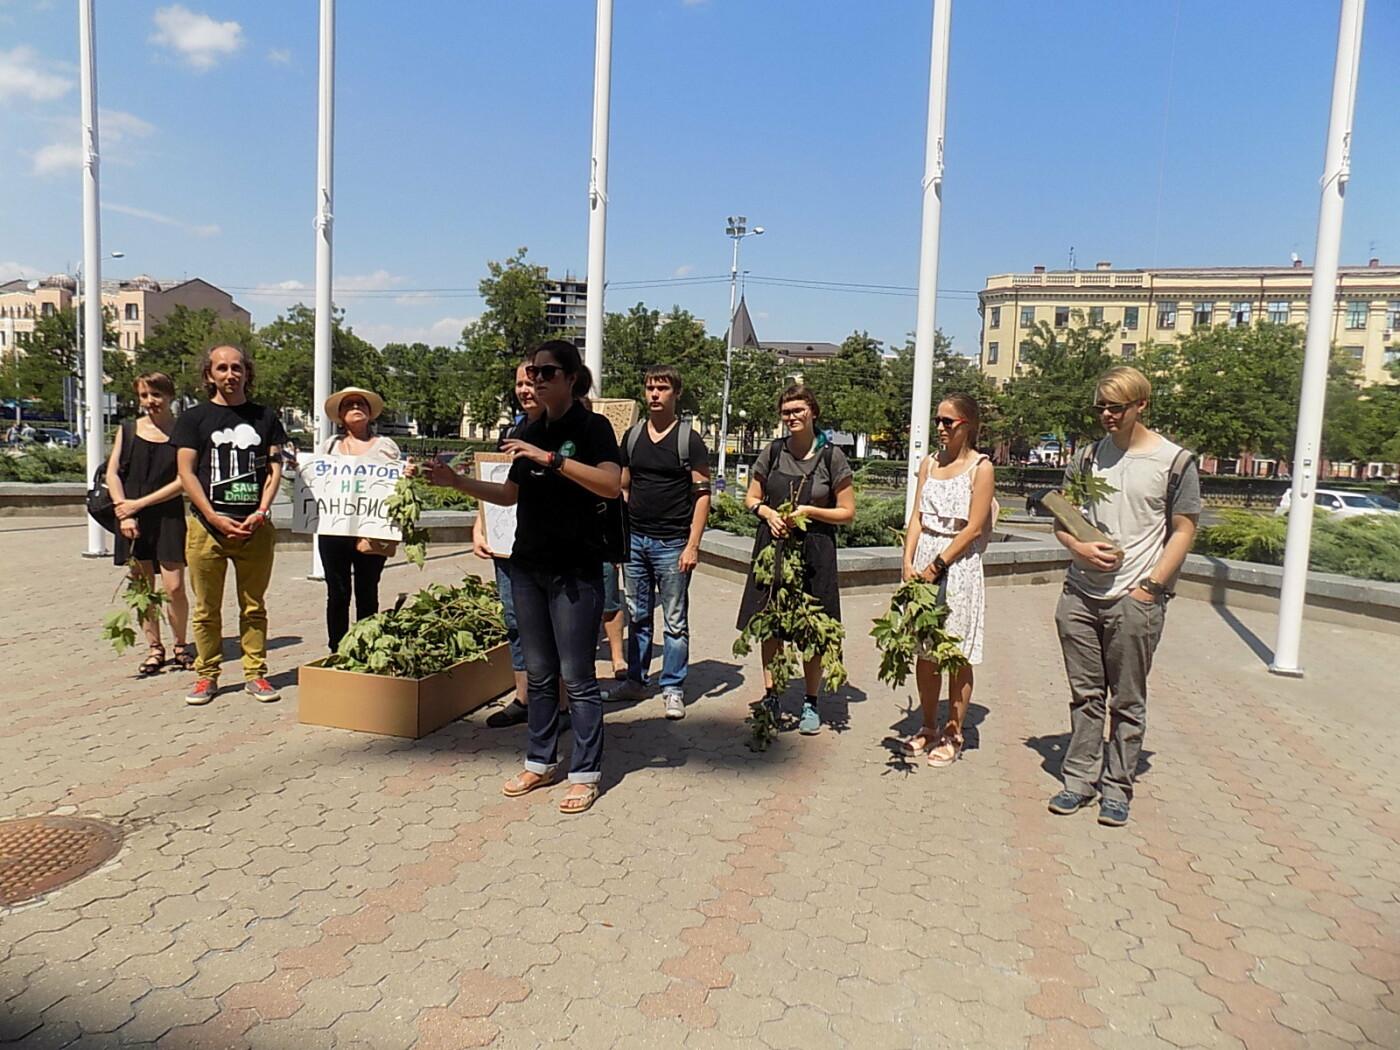 В Днепре провели «похороны» деревьев с Короленко: последние деревья срубили, пока город спал, - ФОТО, фото-17